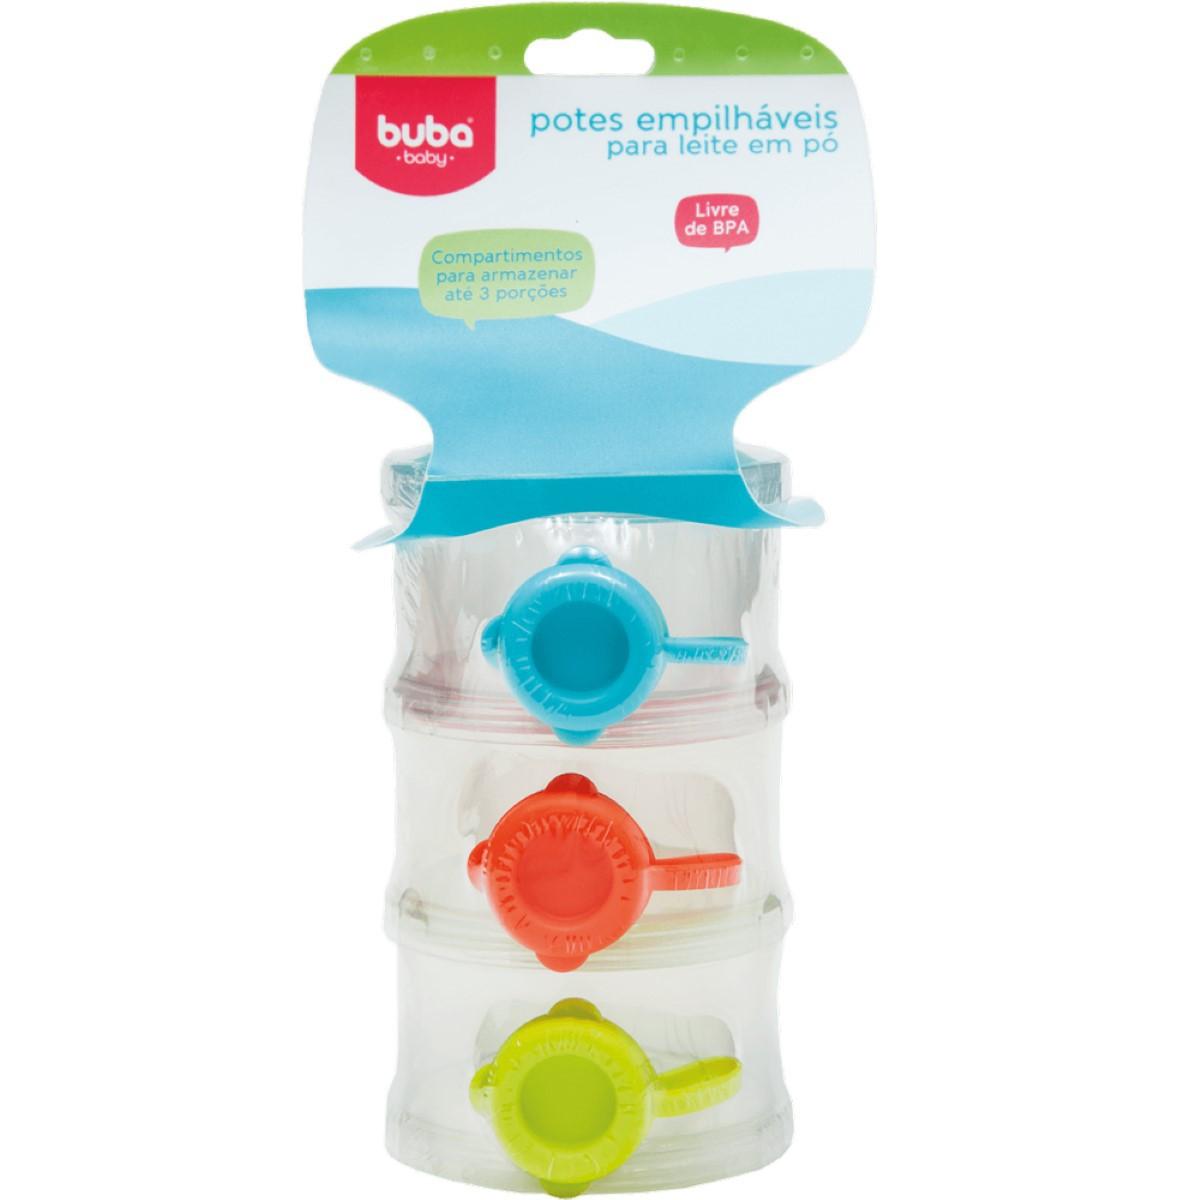 Potes Empilháveis Para Leite Em Pó Para Bebês - Buba